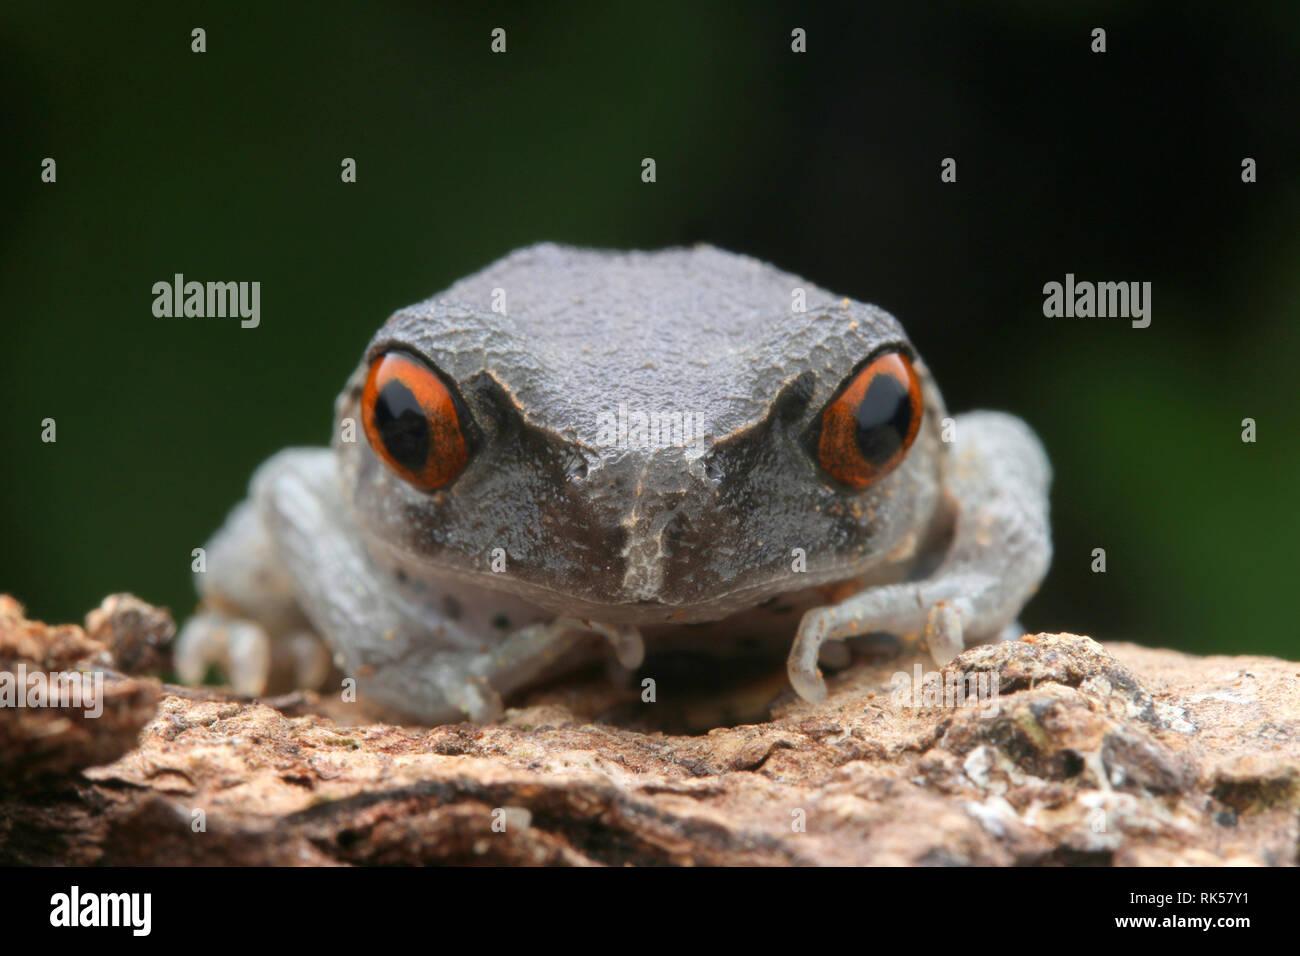 Spotted Litter Frog, Leptobrachium hendricksoni Stock Photo